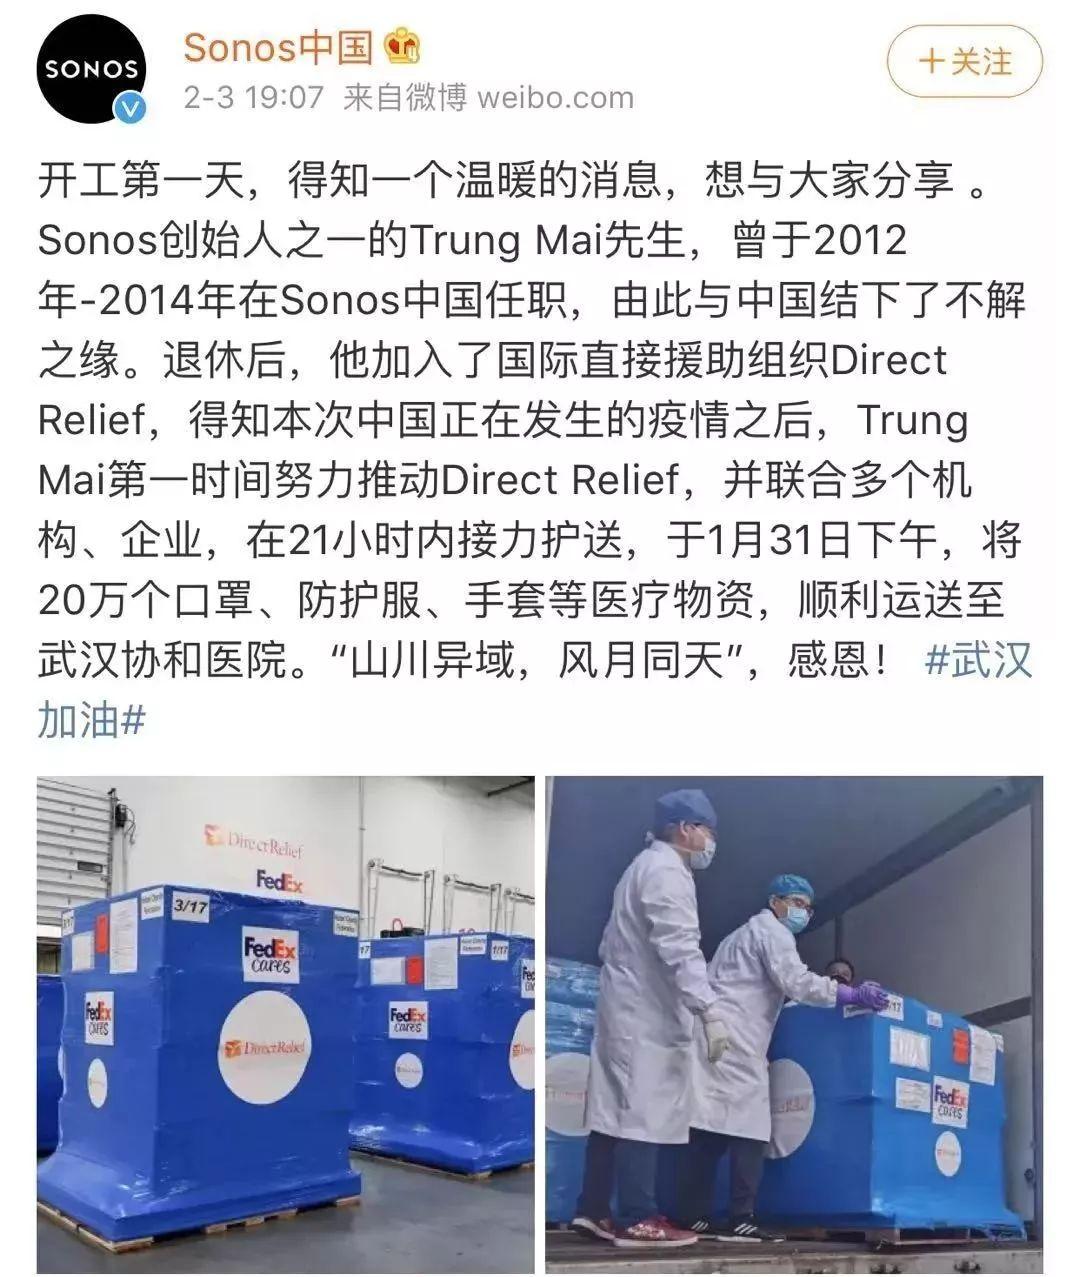 武汉协和医院的20万口罩究竟是谁捐的? 